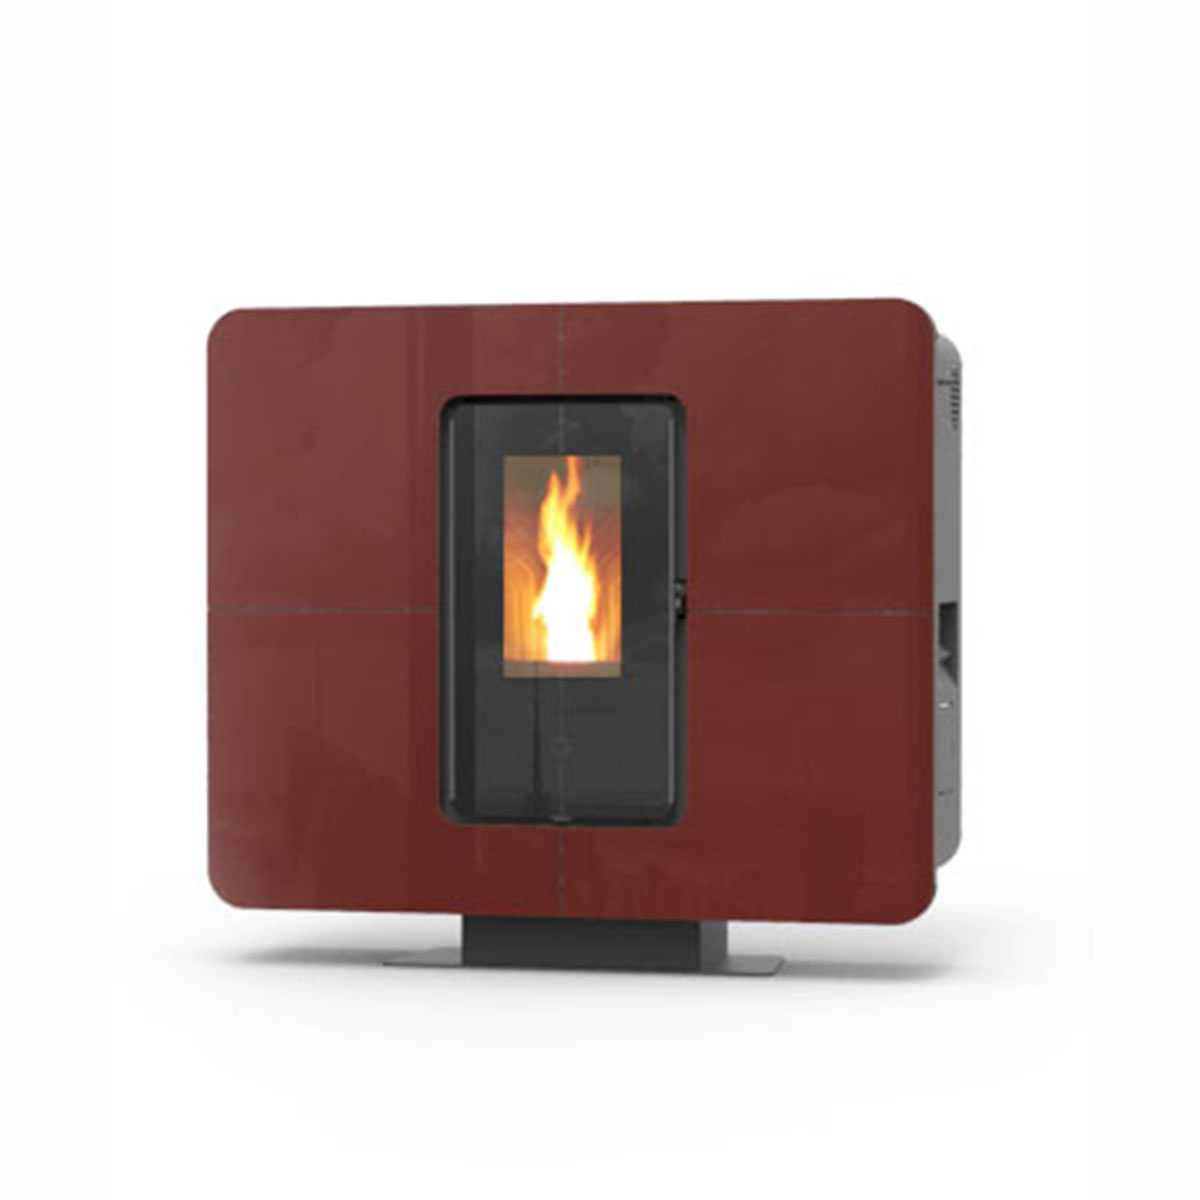 Stufa a pellet Thermorossi modello 'SlimQuadro 11 Cristallo' 11,4 kW bruciatore in ghisa - bordeaux